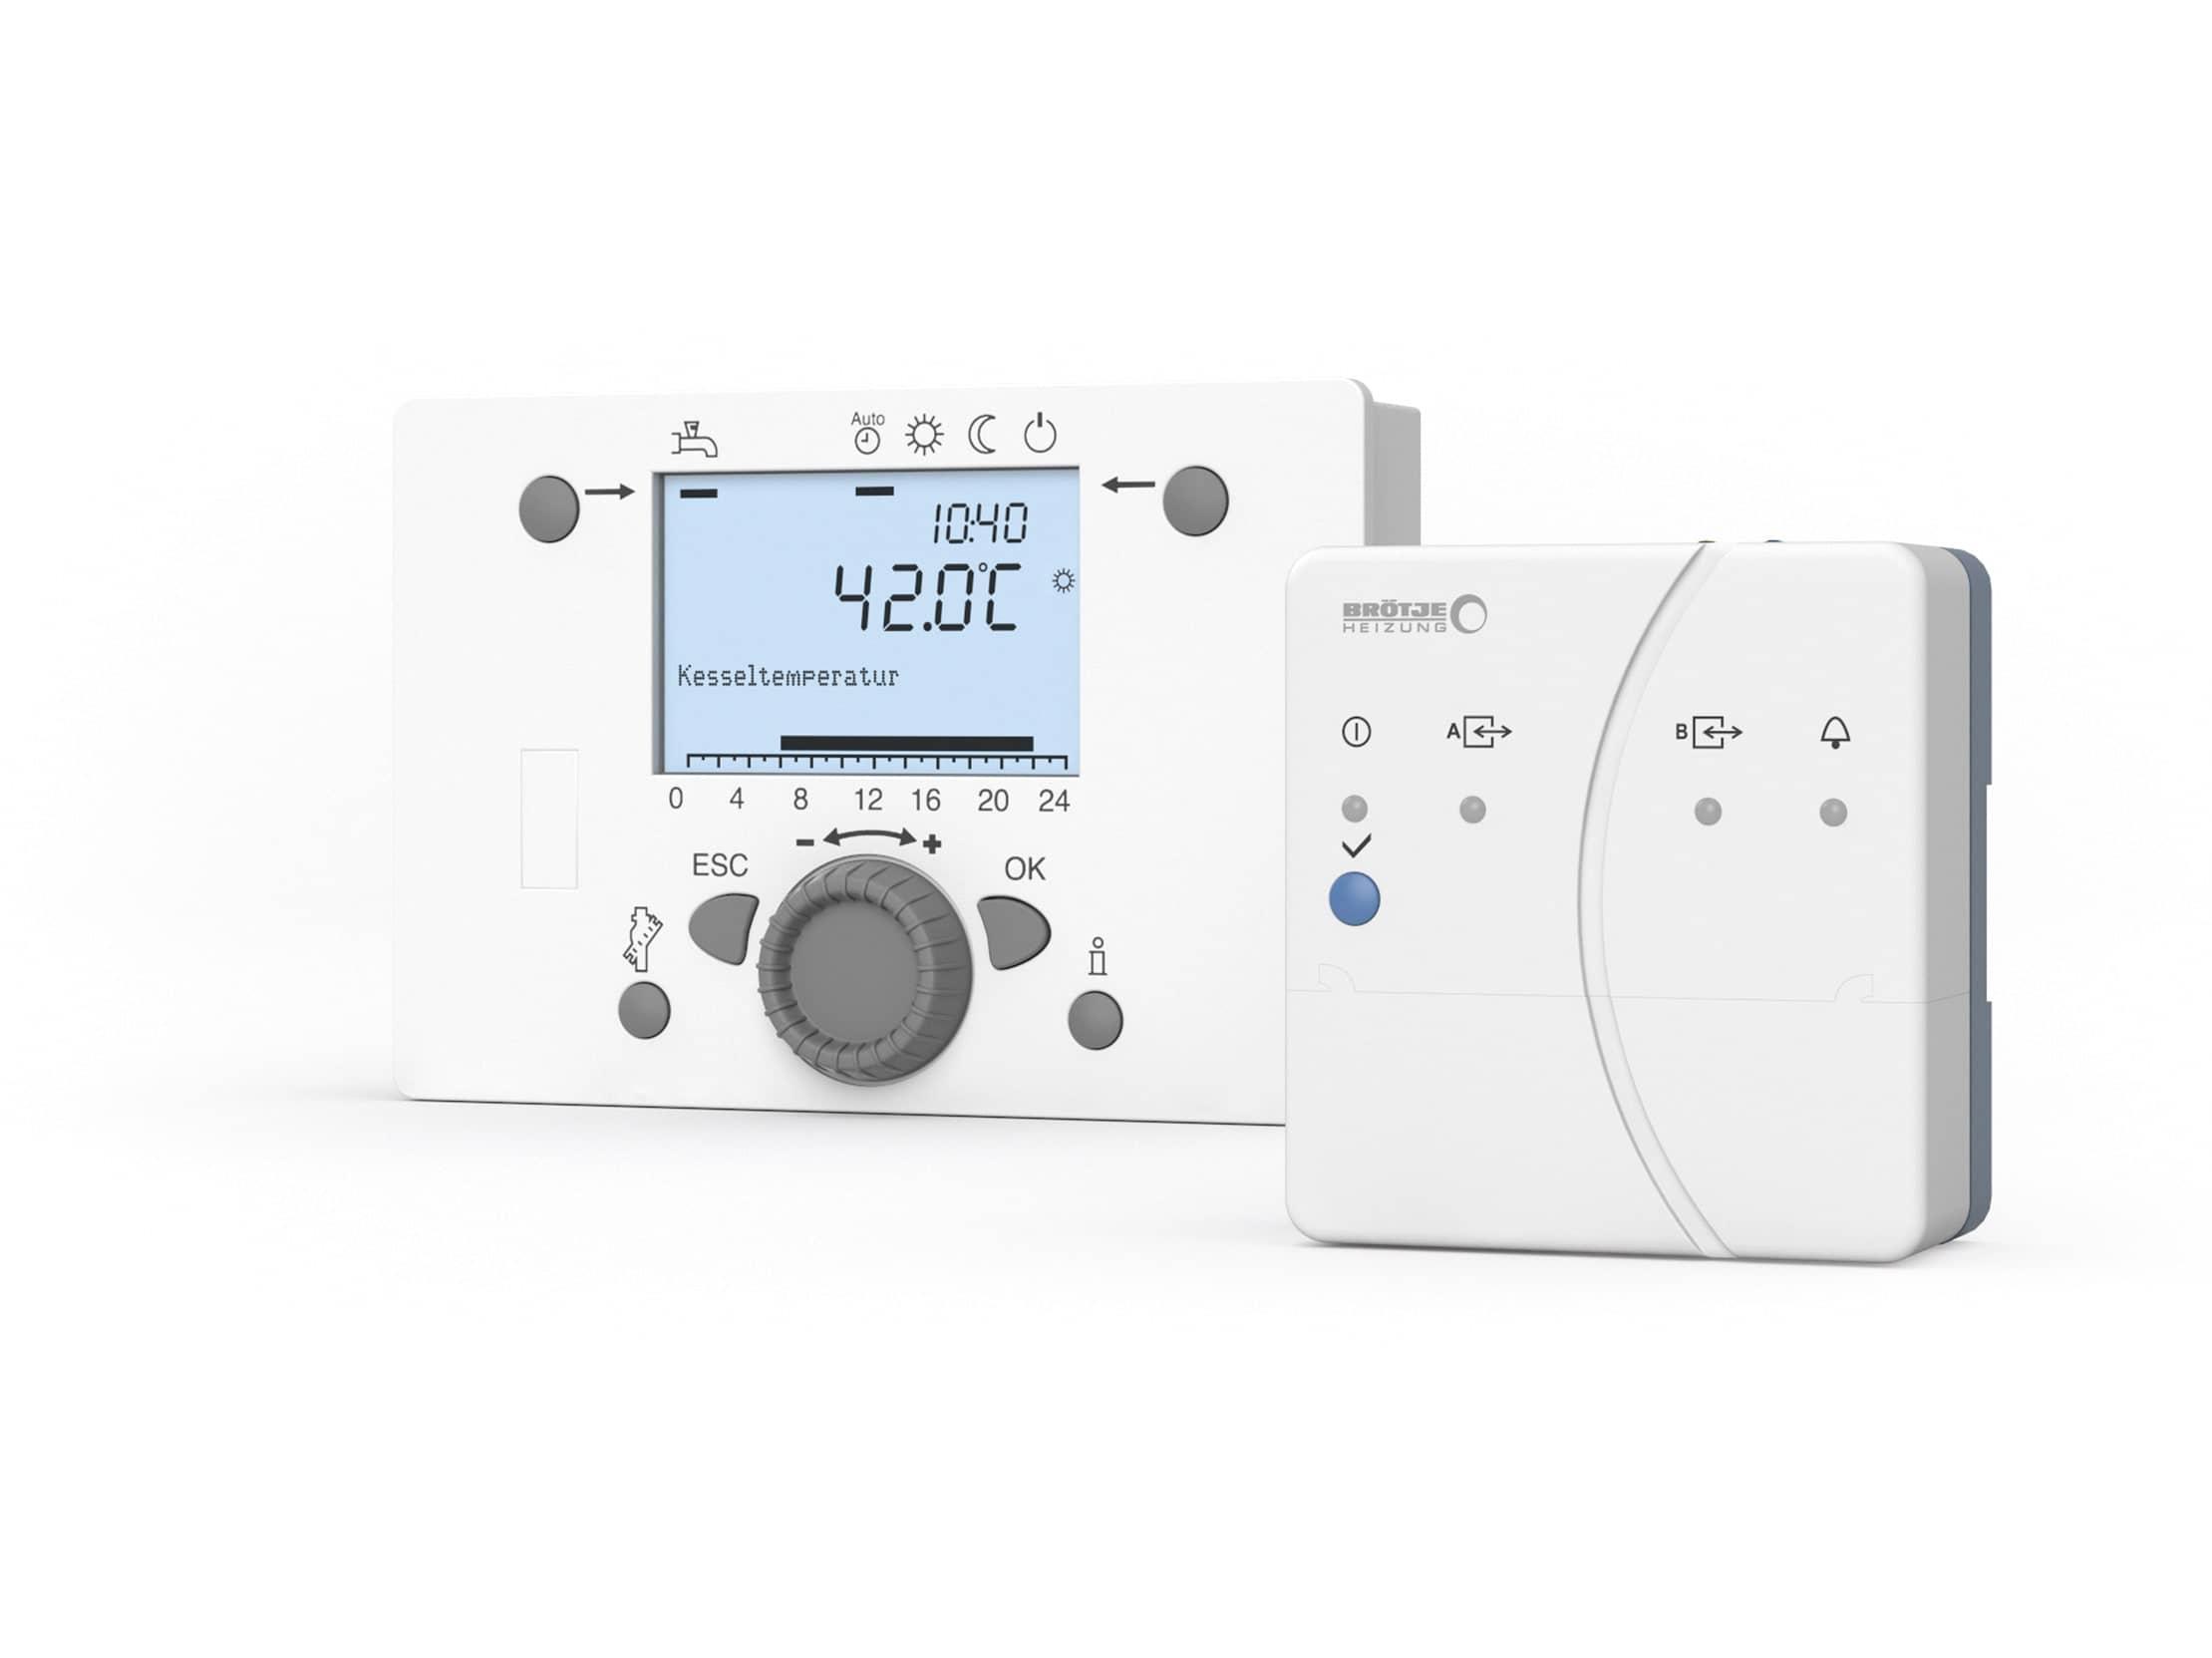 Produktbild des Solarreglers ISR Plus OZW in weiß mit grauen Bedienelementen.